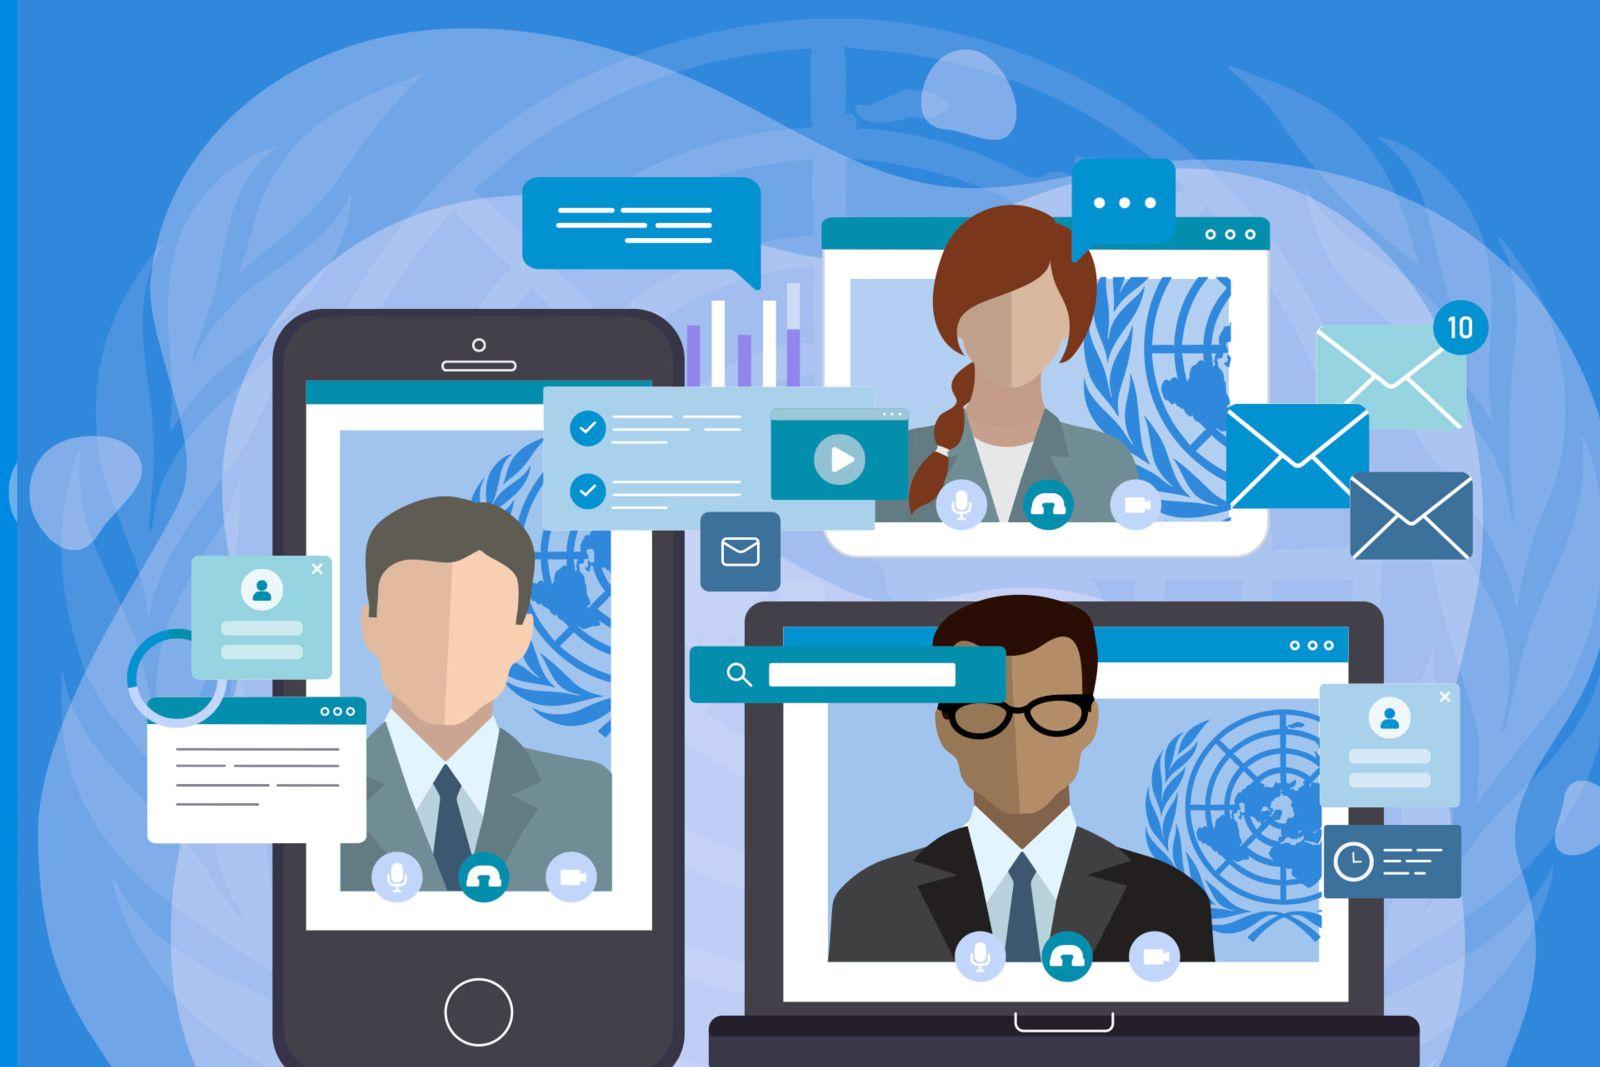 Virtual-Communication-Market-Forecast